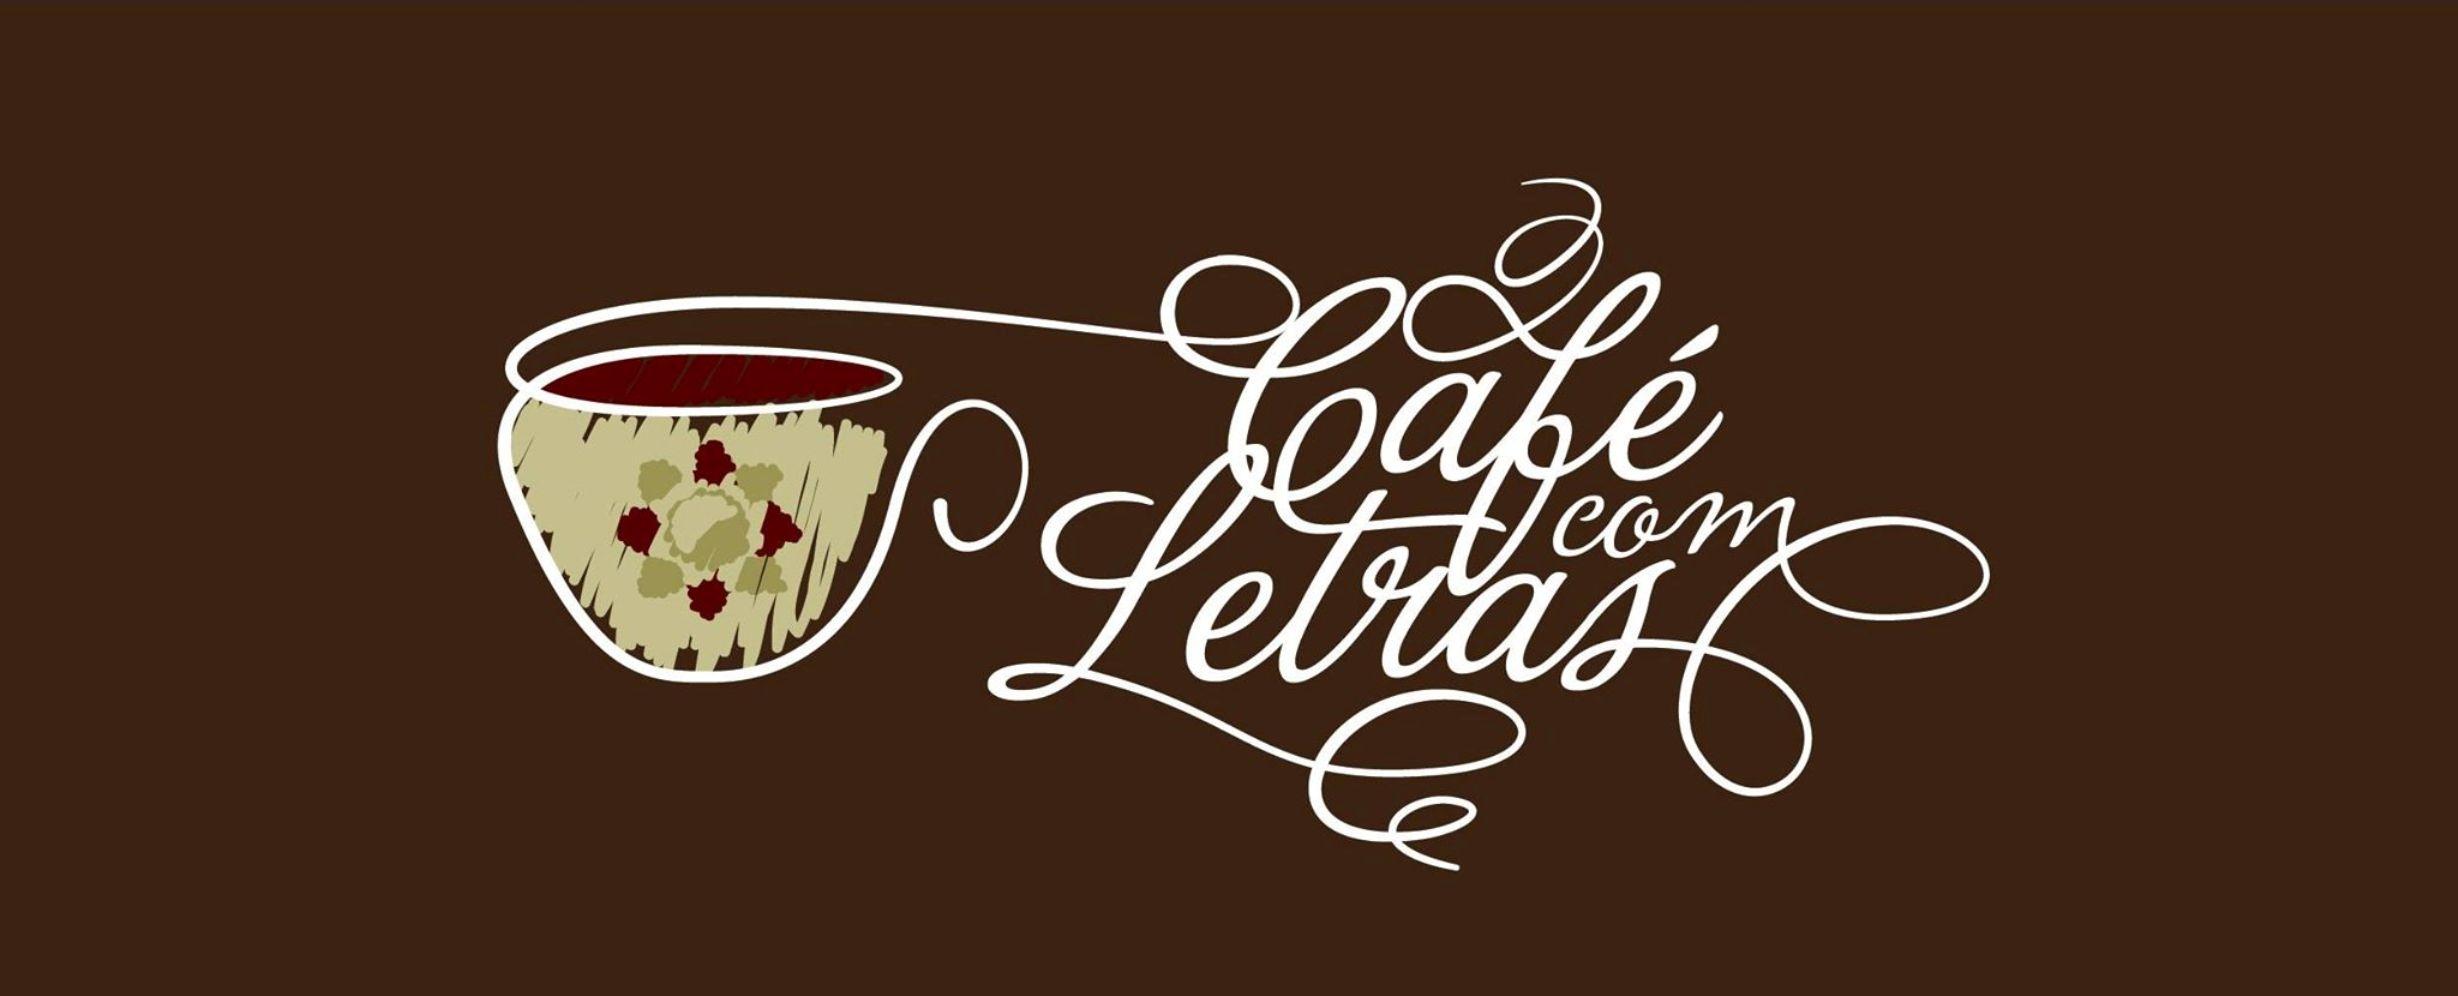 cafe com letras 2014